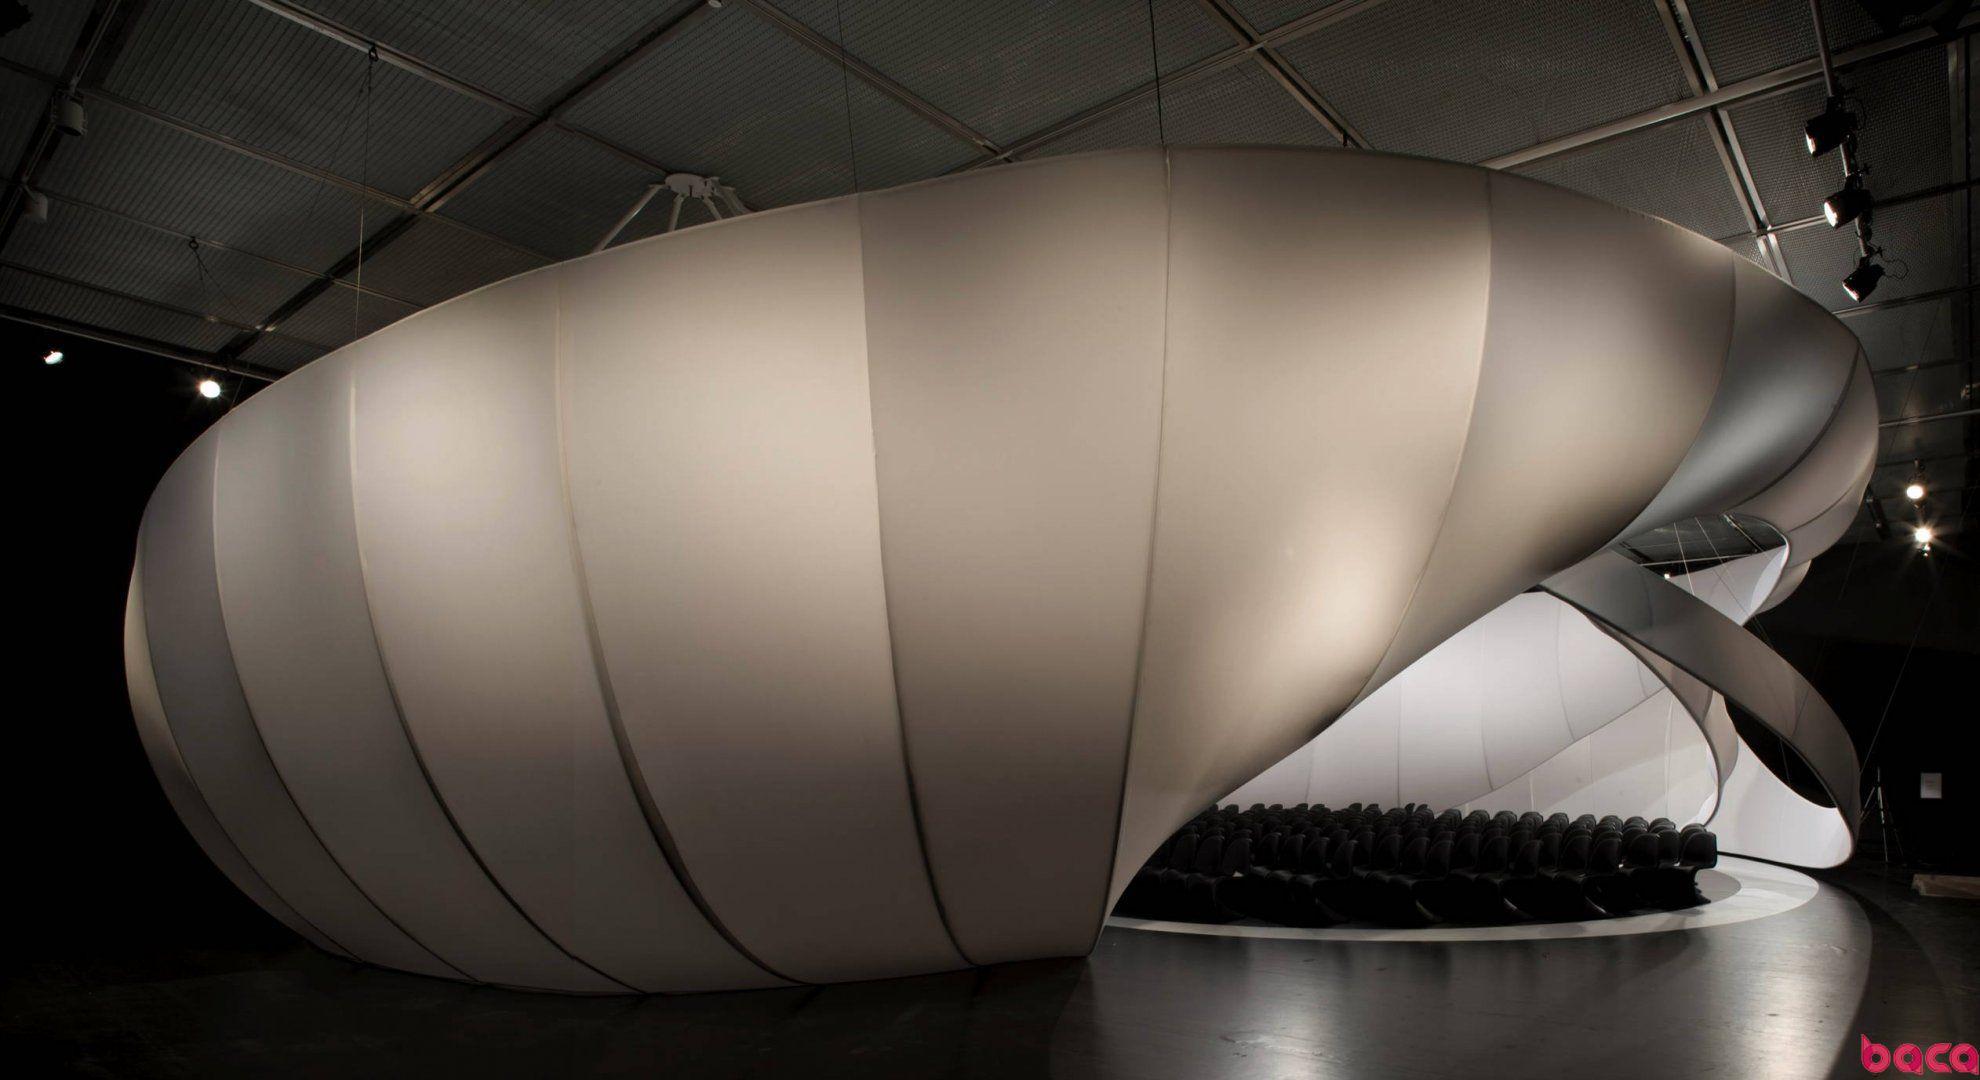 扎哈与江一燕,同是建筑设计师,感觉怎么那么不一样 BACA咨询